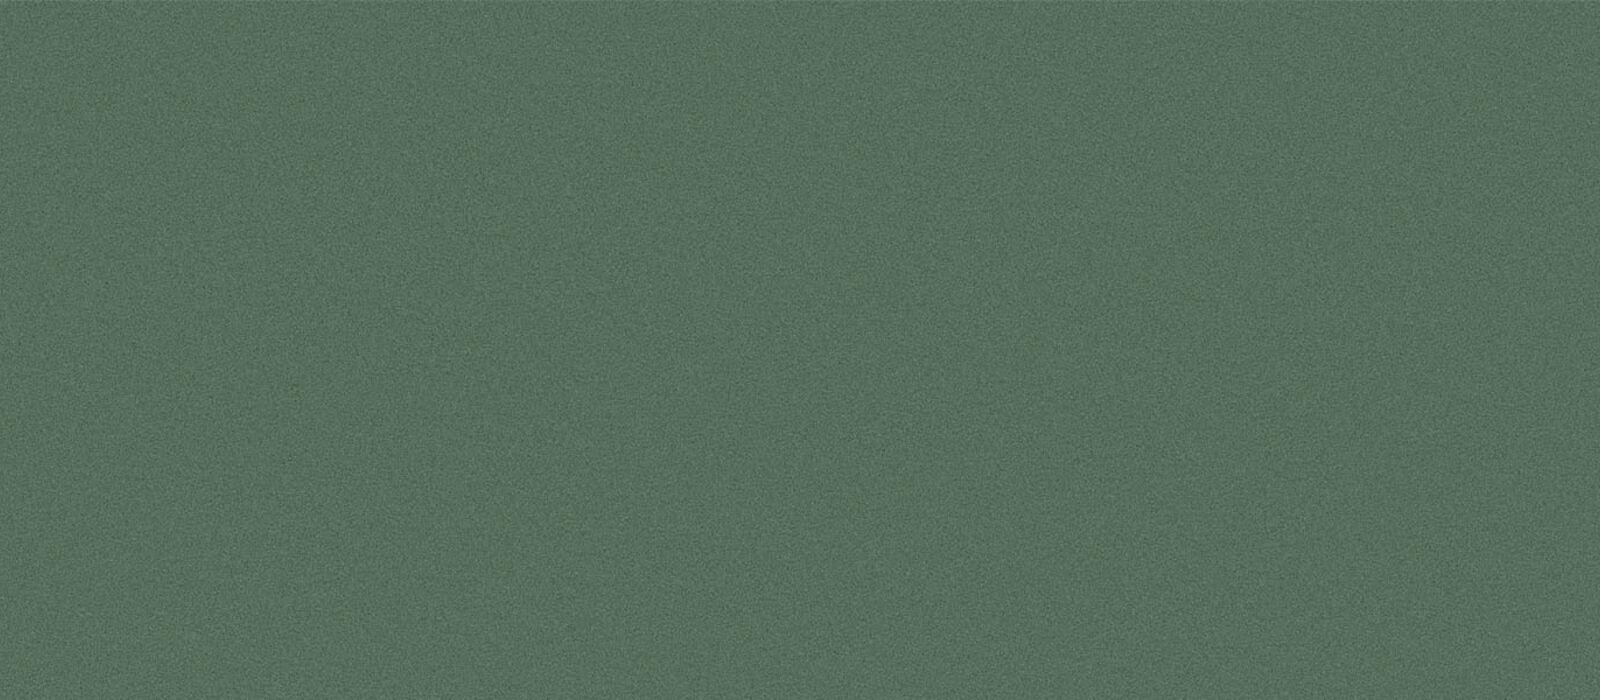 colore cla. ULTRA labrador     0,35 1440